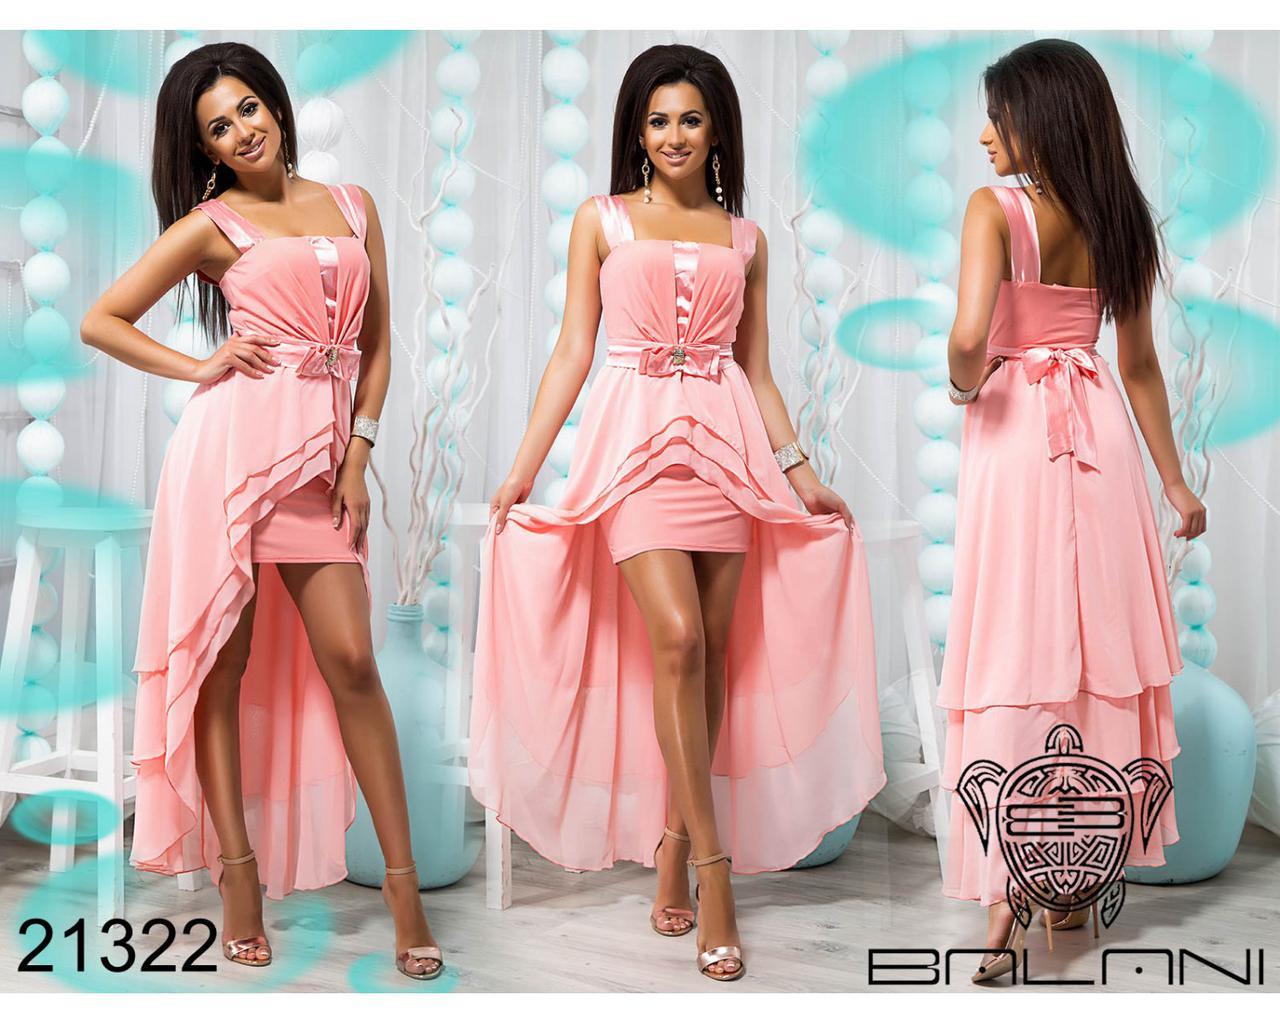 6adf2cfe2f6 Вечернее оригинальное платье на праздник недорого Производитель Украина  интернет-магазин Россия СНГ р.42-46